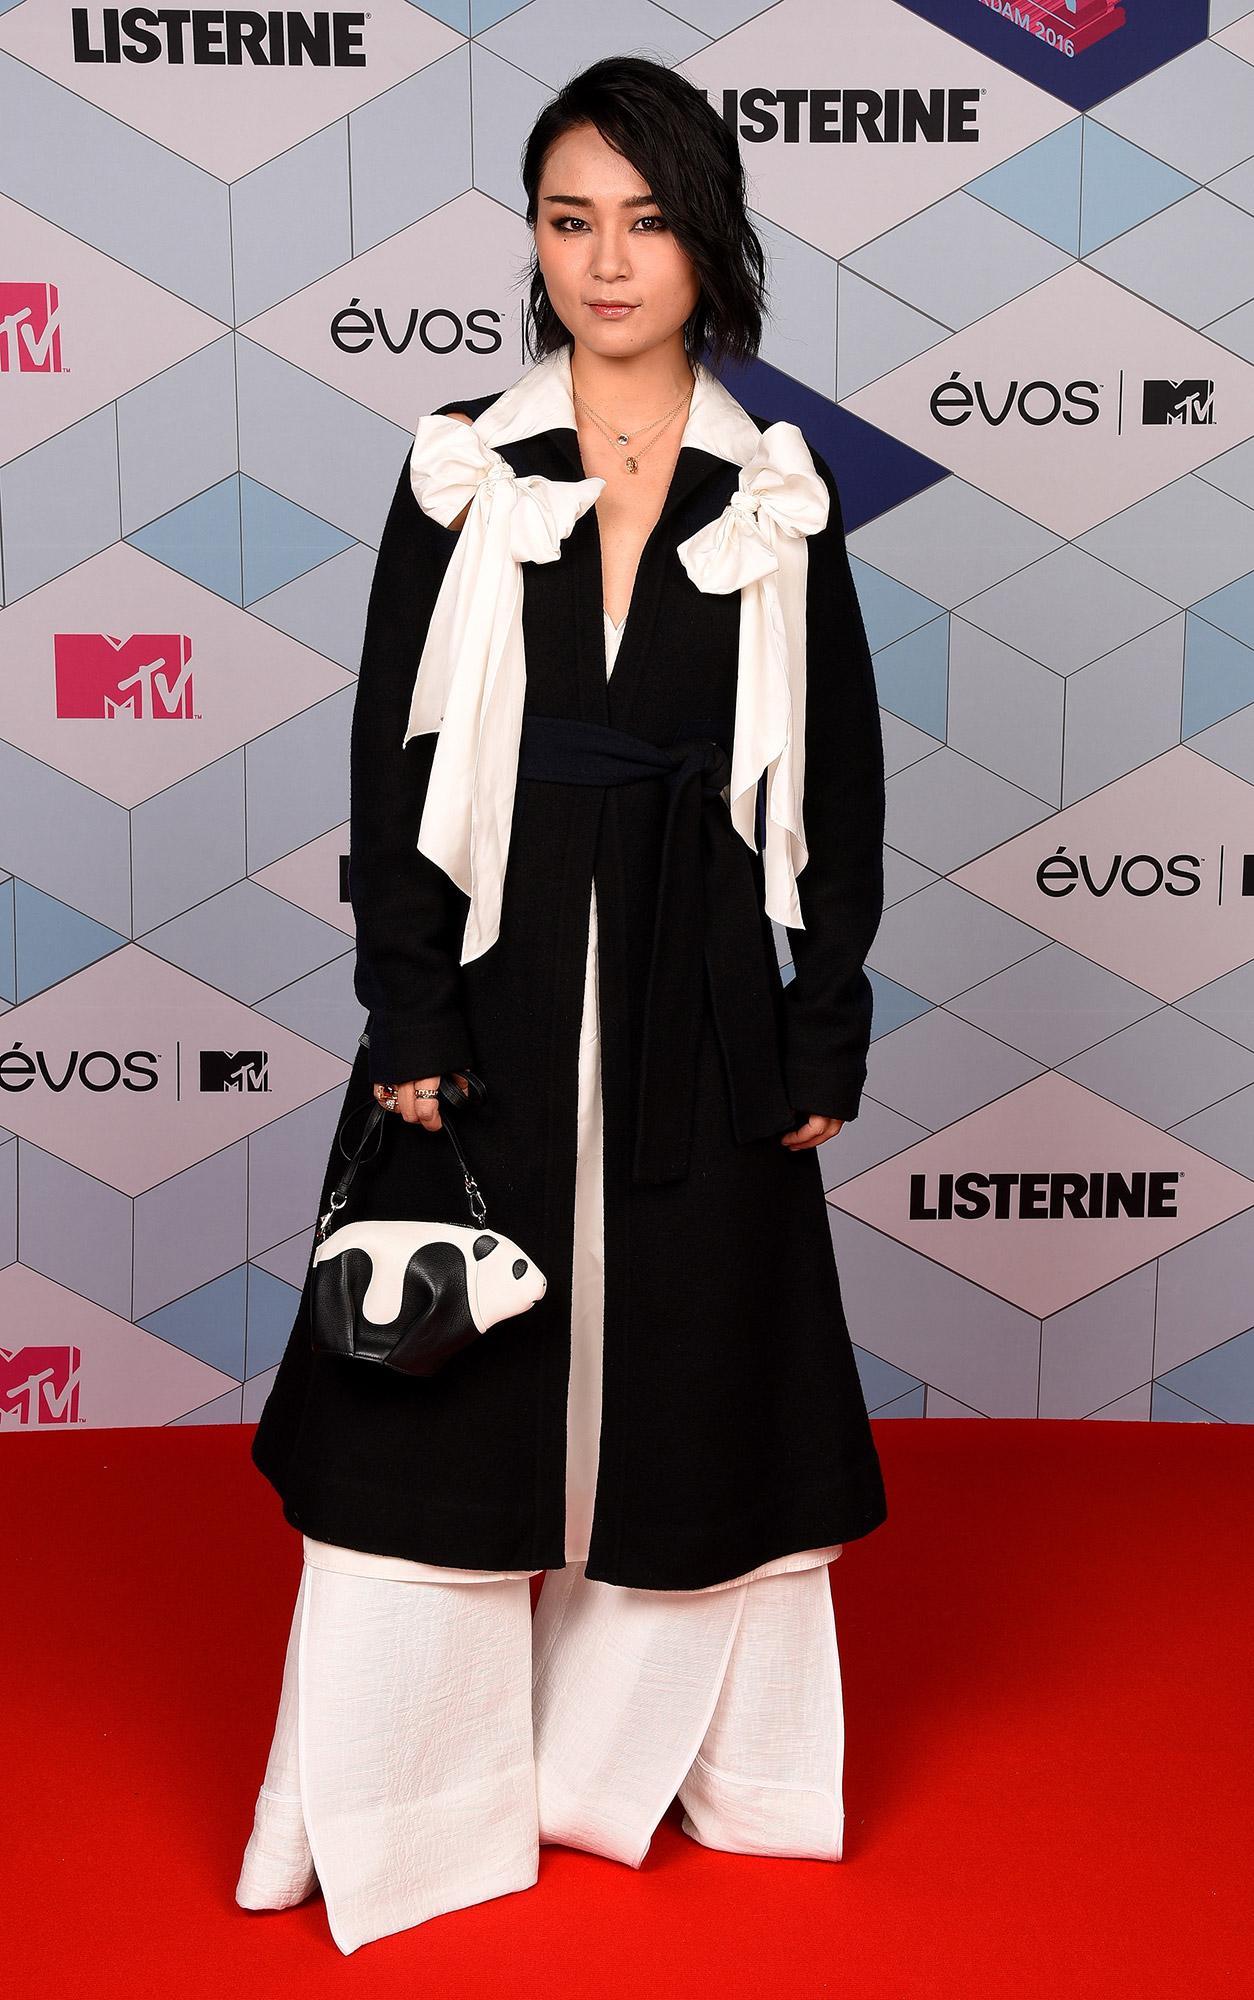 Los mejores y peores vestidos de los MTV Europe Music Awards 2017 - bibi zhou